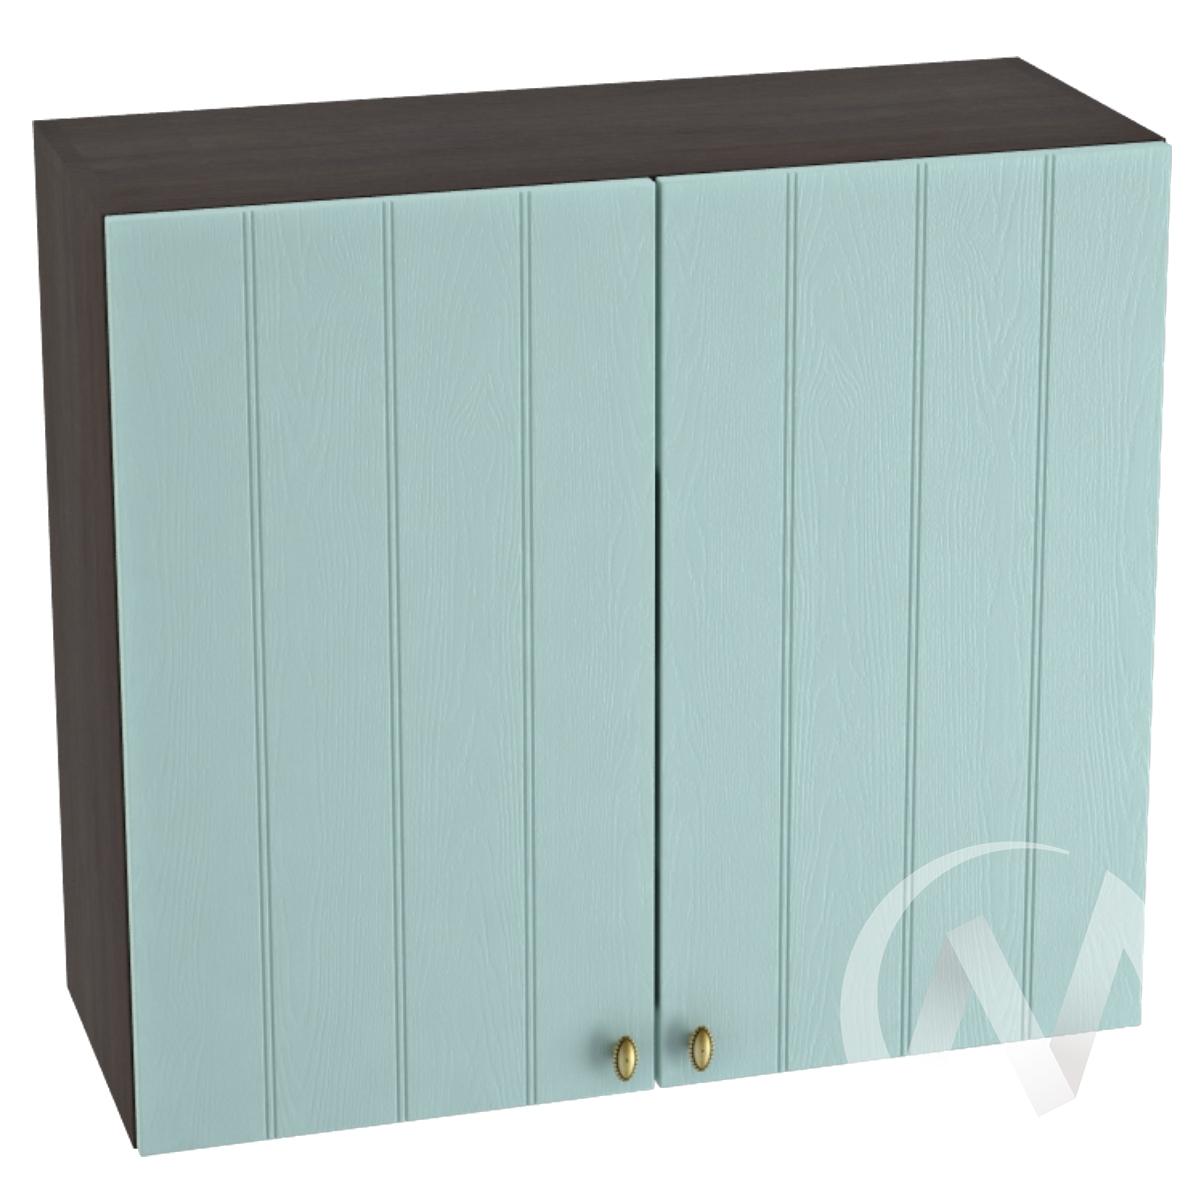 """Кухня """"Прованс"""": Шкаф верхний 800, ШВ 800 новый (голубой/корпус венге)"""